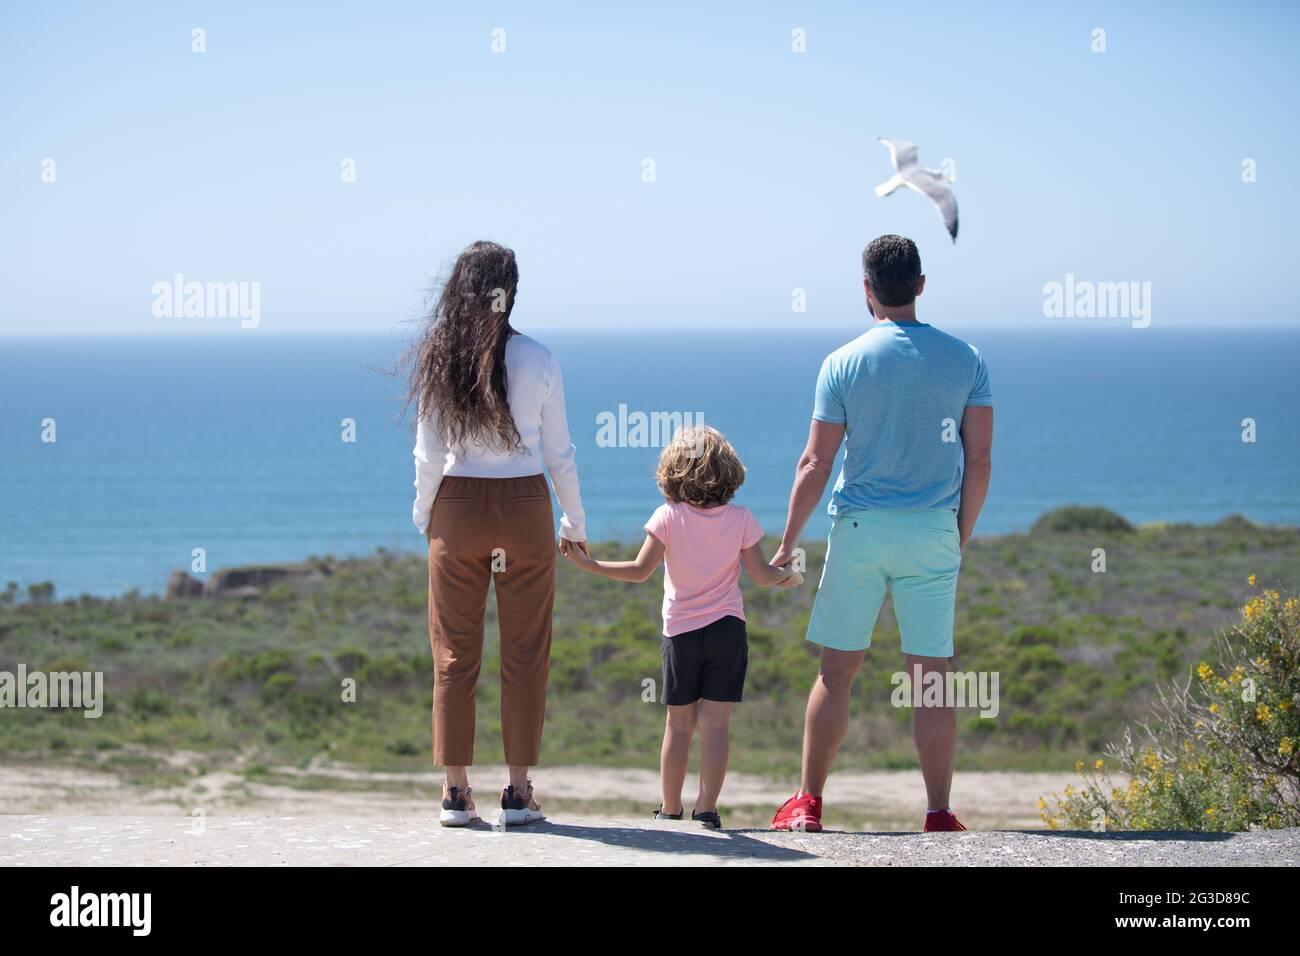 Padre, madre y niño en la playa de verano al atardecer en Hawai. Concepto de familia amigable. Foto de stock